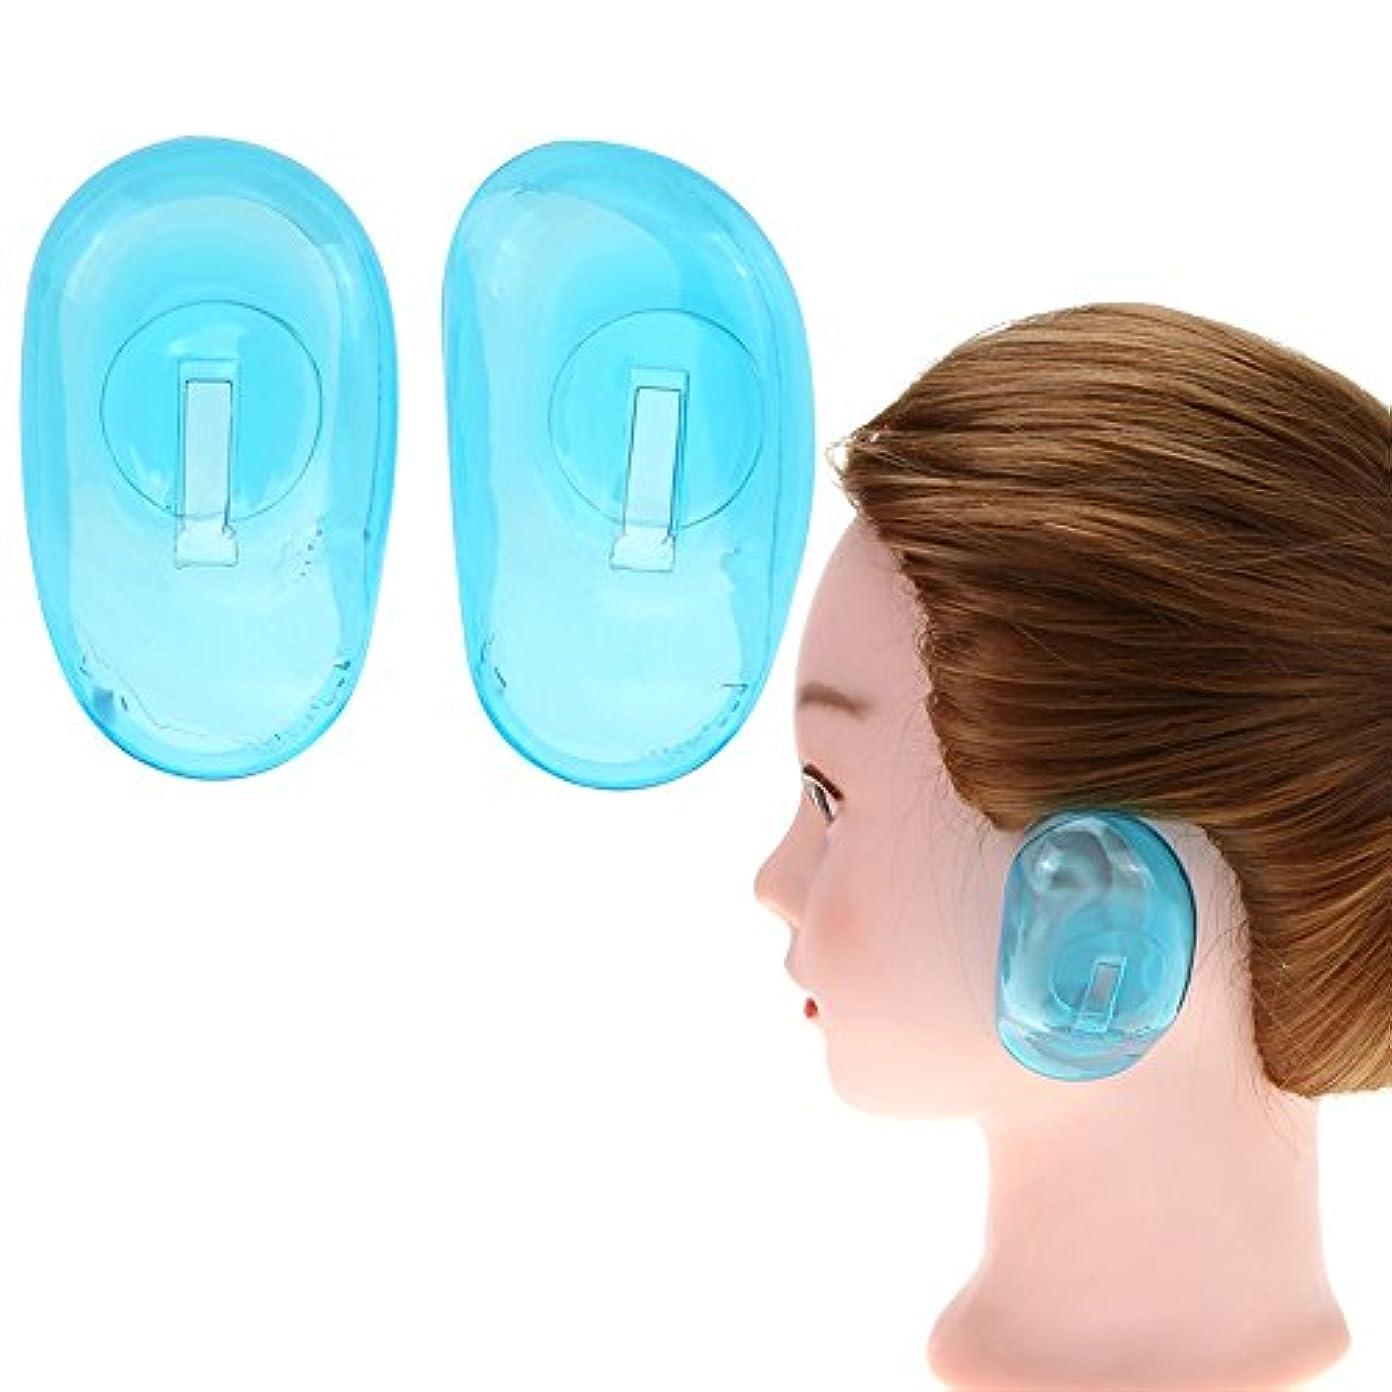 がんばり続ける大きい習字Ruier-tong 5ペア耳カバー 毛染め用 シリコン製 耳キャップ 柔らかいイヤーキャップ ヘアカラー シャワー 耳保護 ヘアケアツール サロン 洗える 繰り返す使用可能 エコ 8.5x5cm